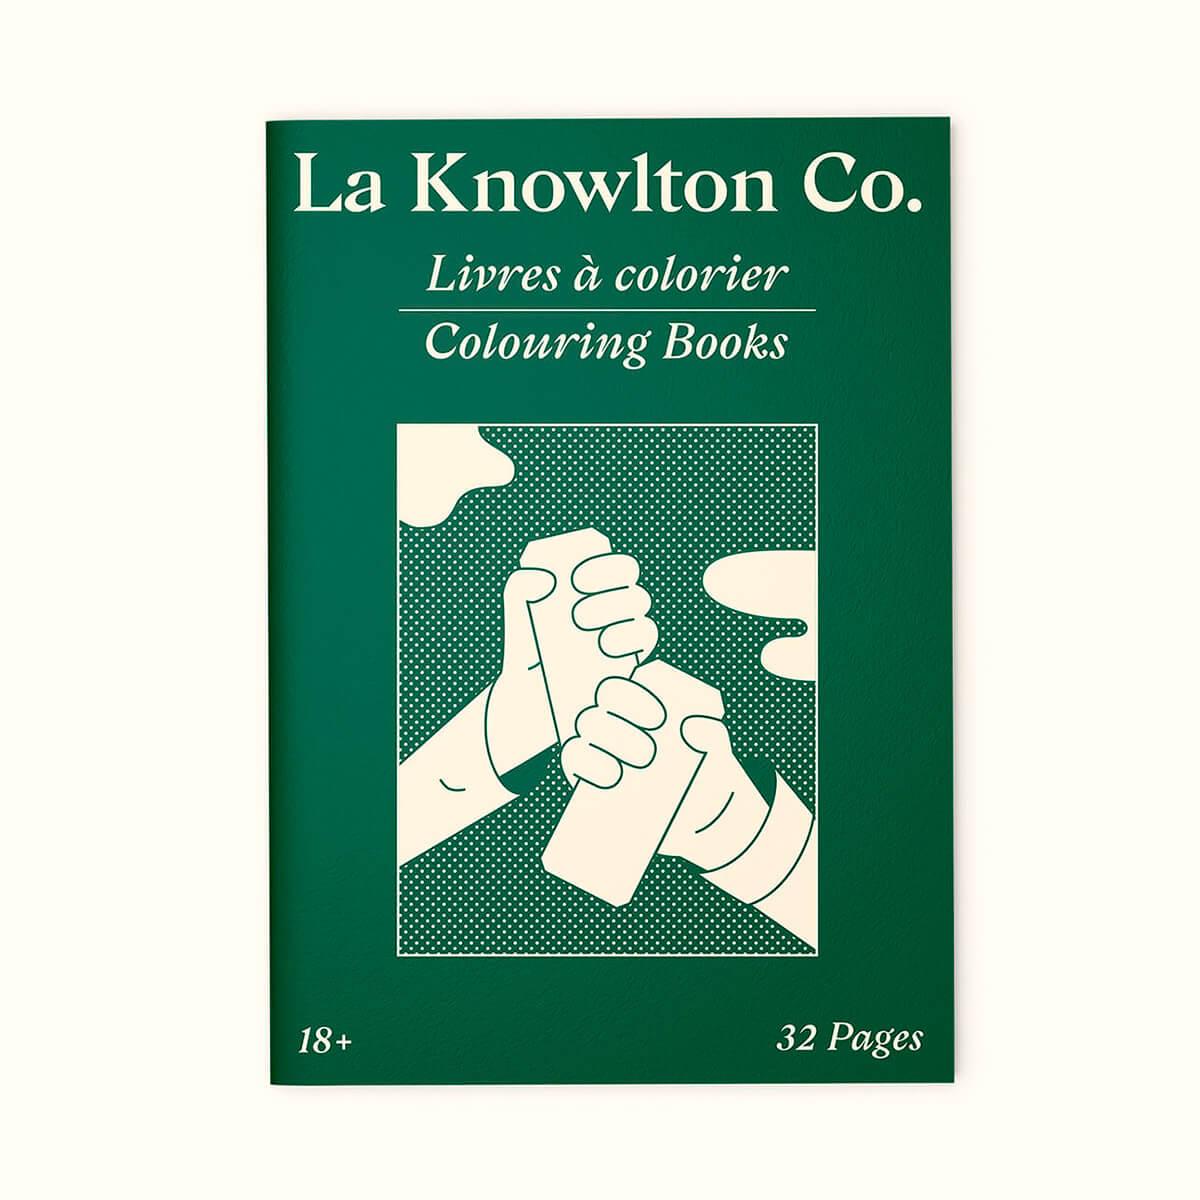 Colouring Book - La Knowlton Co.